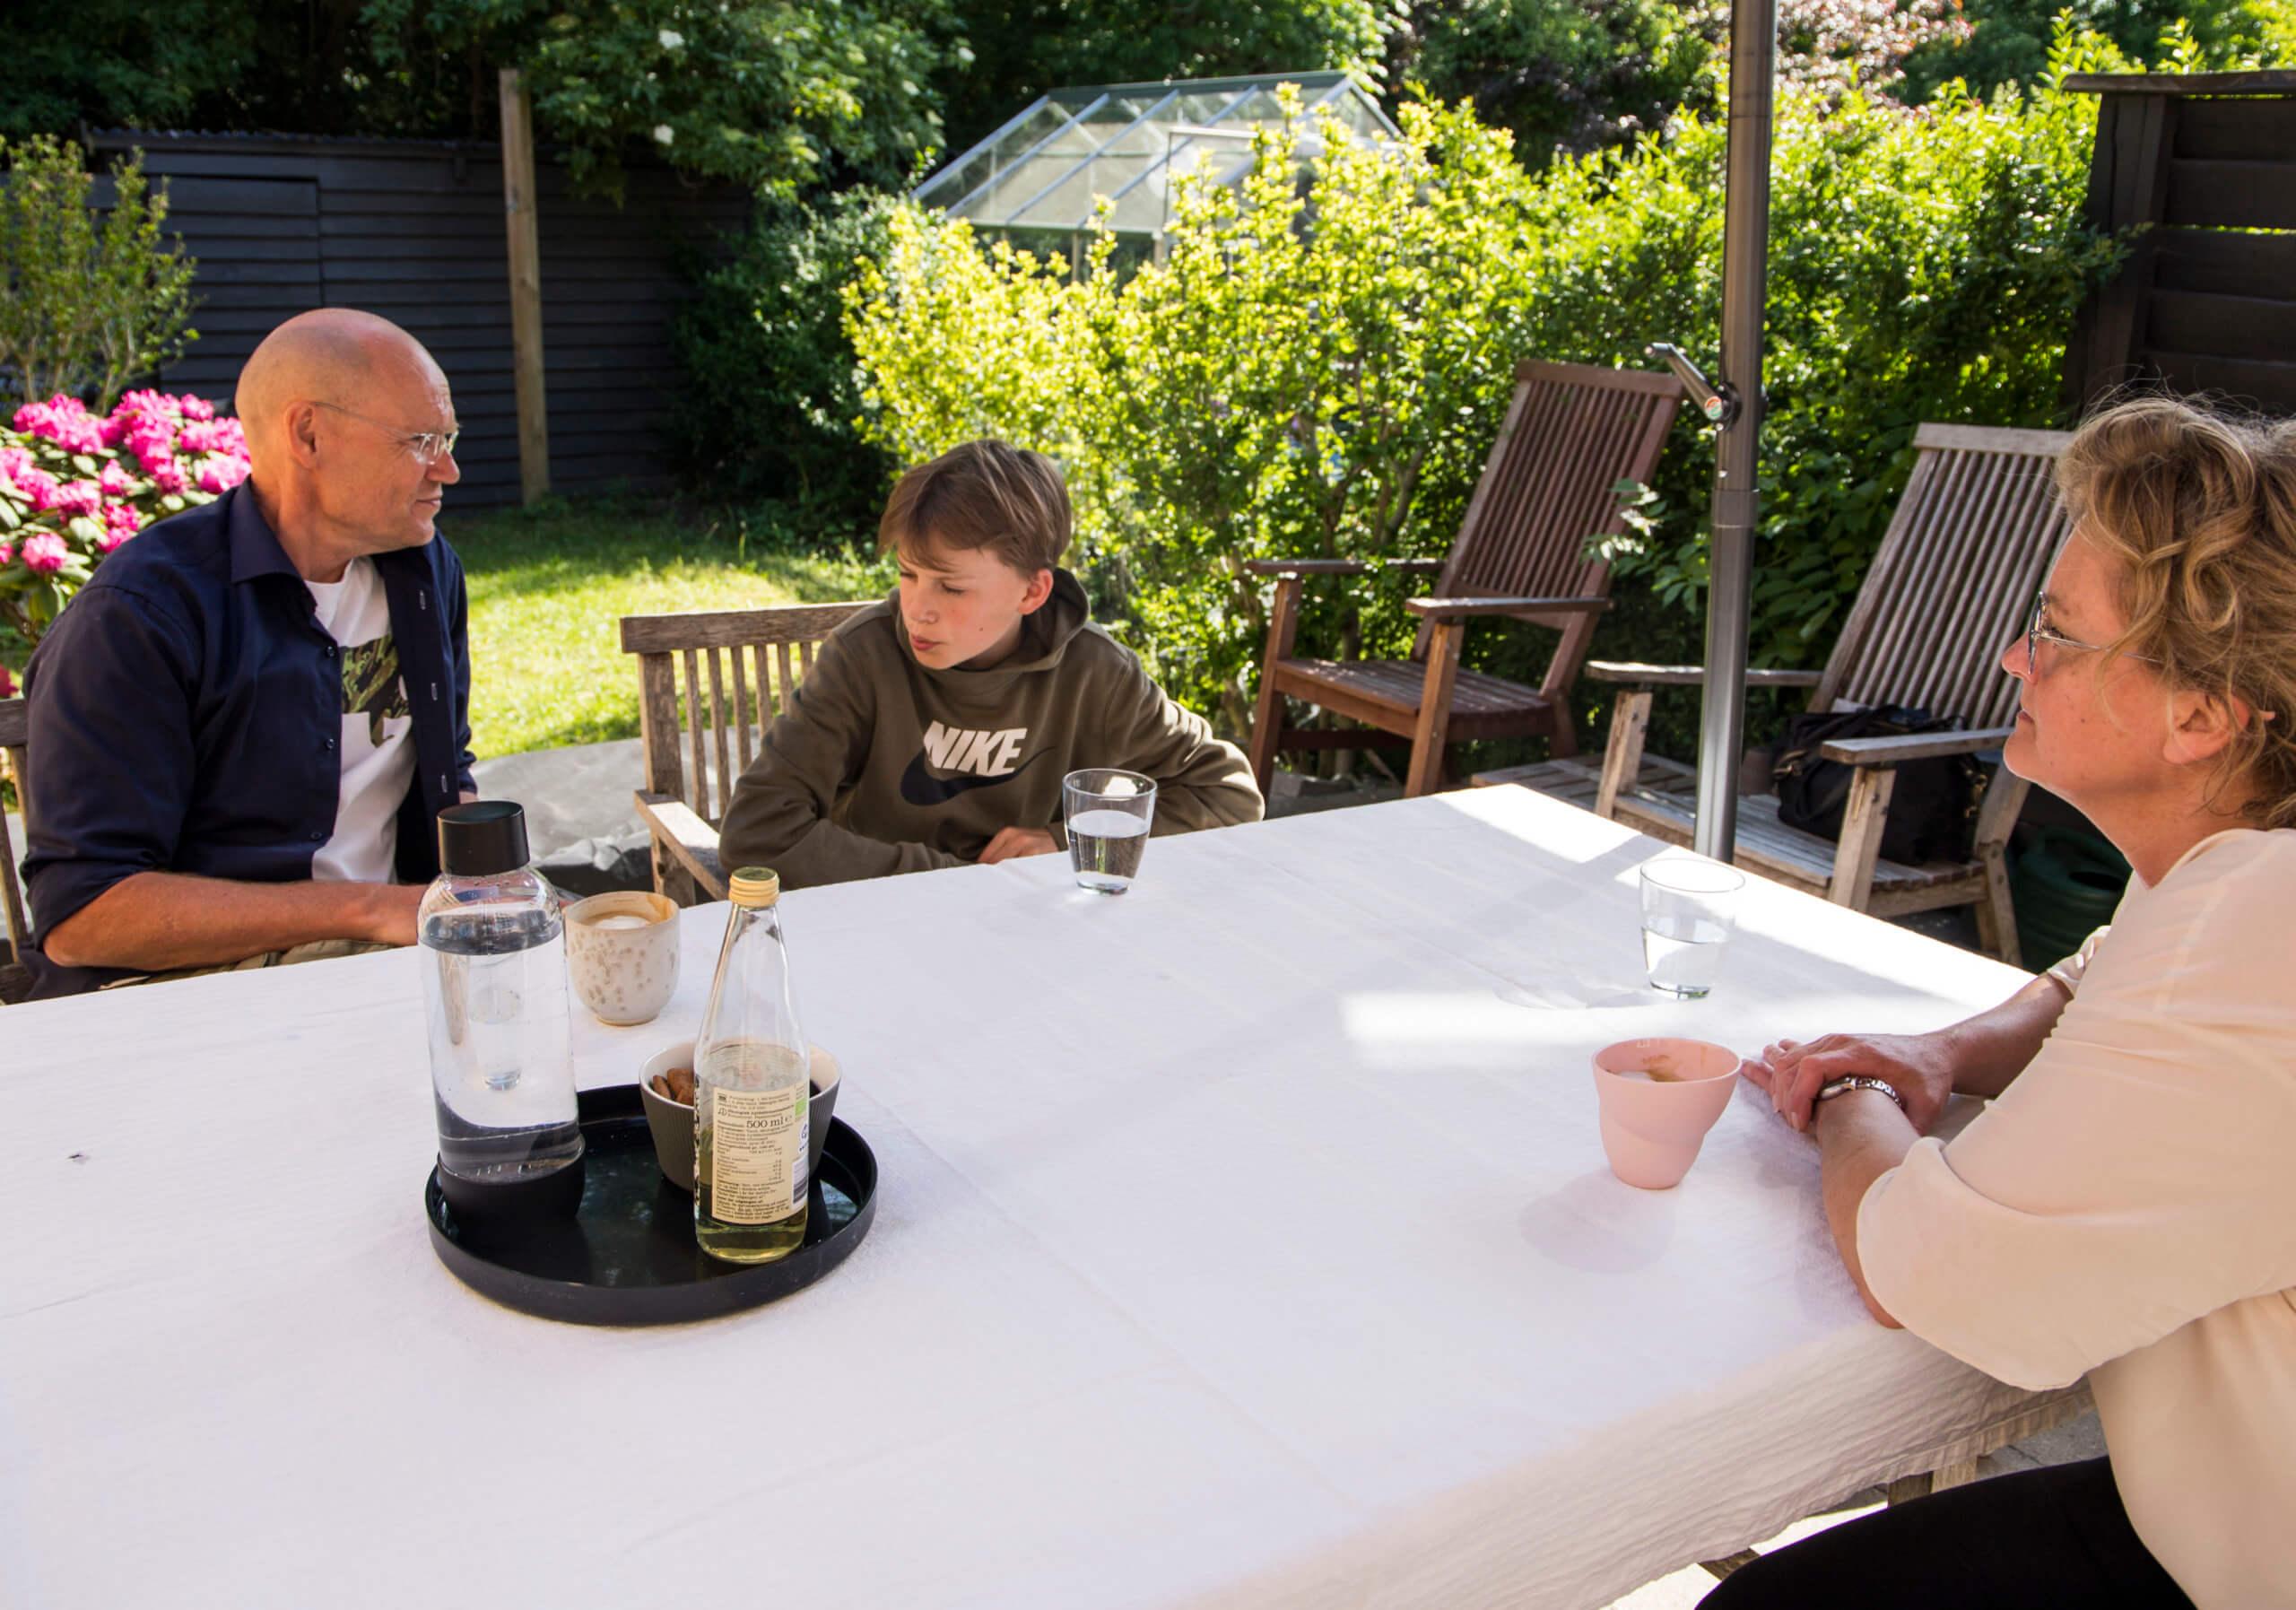 Far, søn og mor sidder ved havebordet